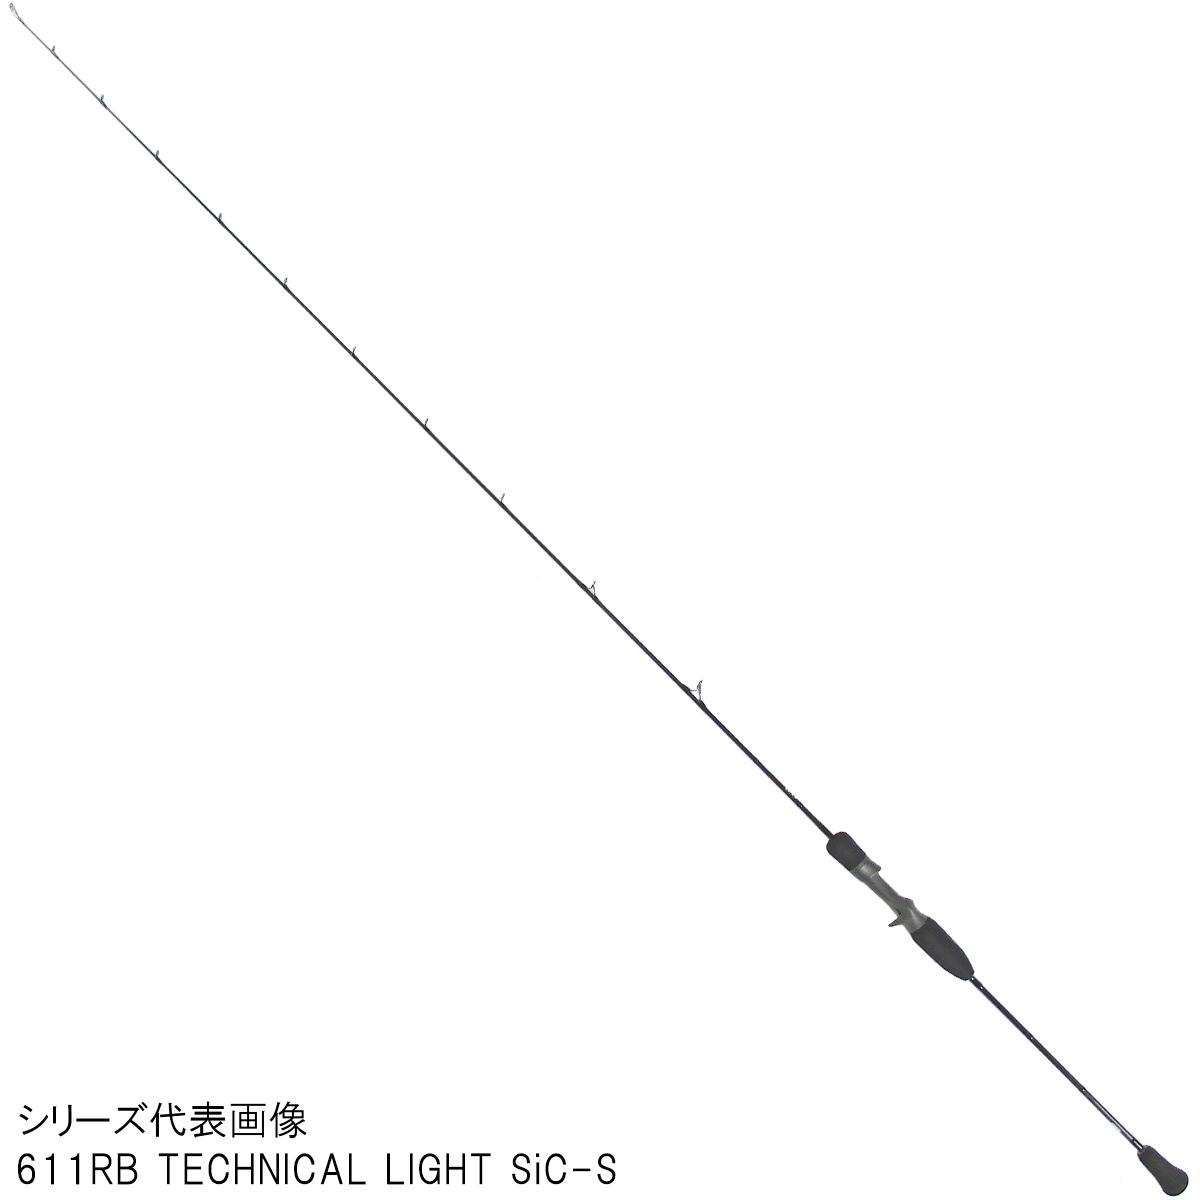 【おトク】 SSR Rigid 613RB TECHNICAL TECHNICAL LIGHT LIGHT SiC-S Rigid【大型商品】, 江南町:0b372f35 --- dpedrov.com.pt